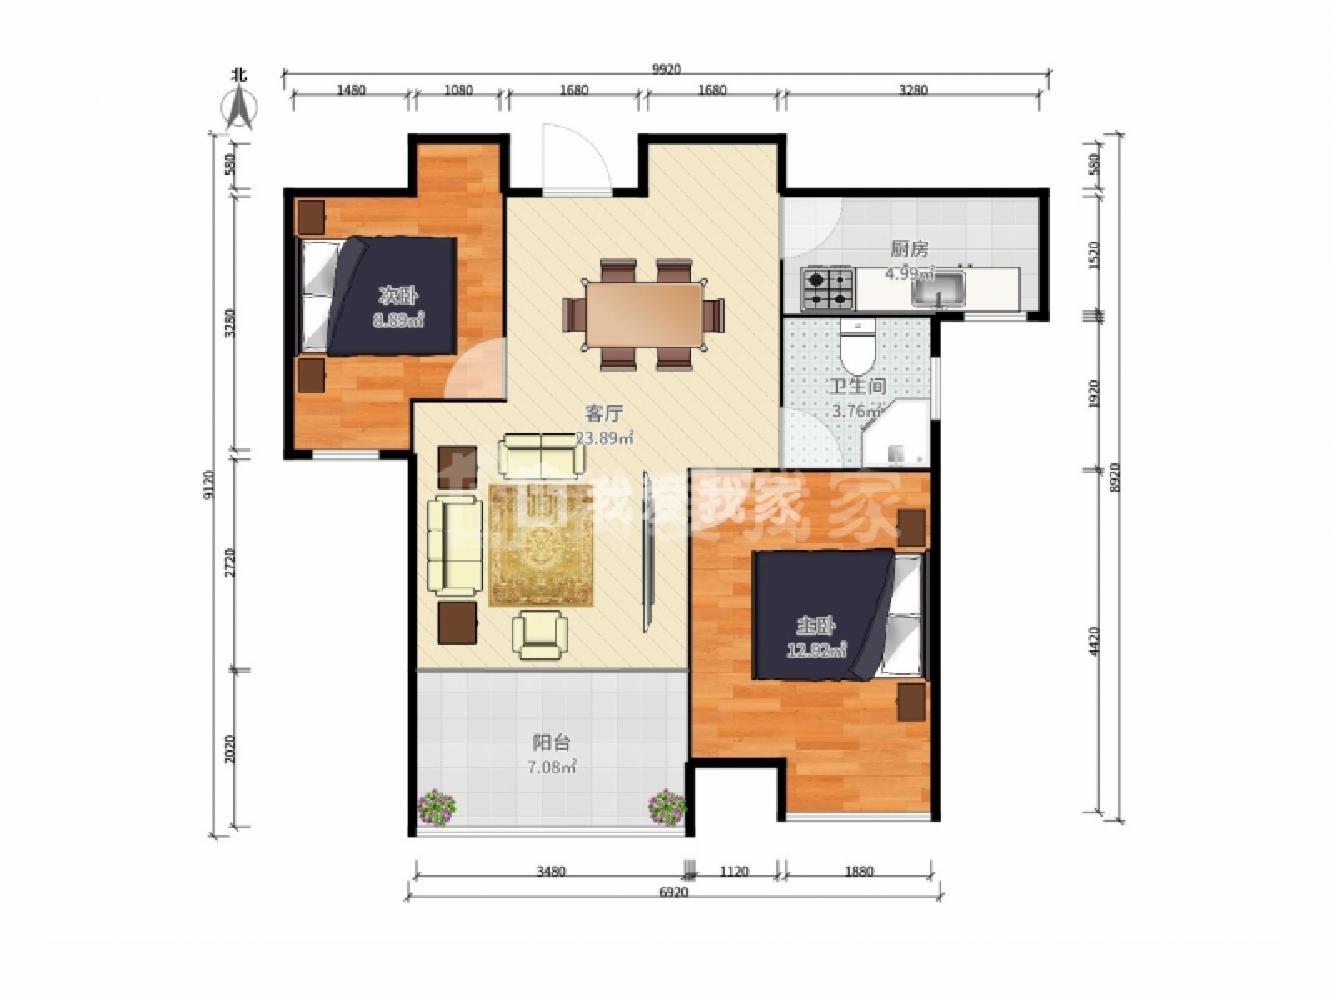 鼓楼区宁海路上海路81号2室2厅户型图